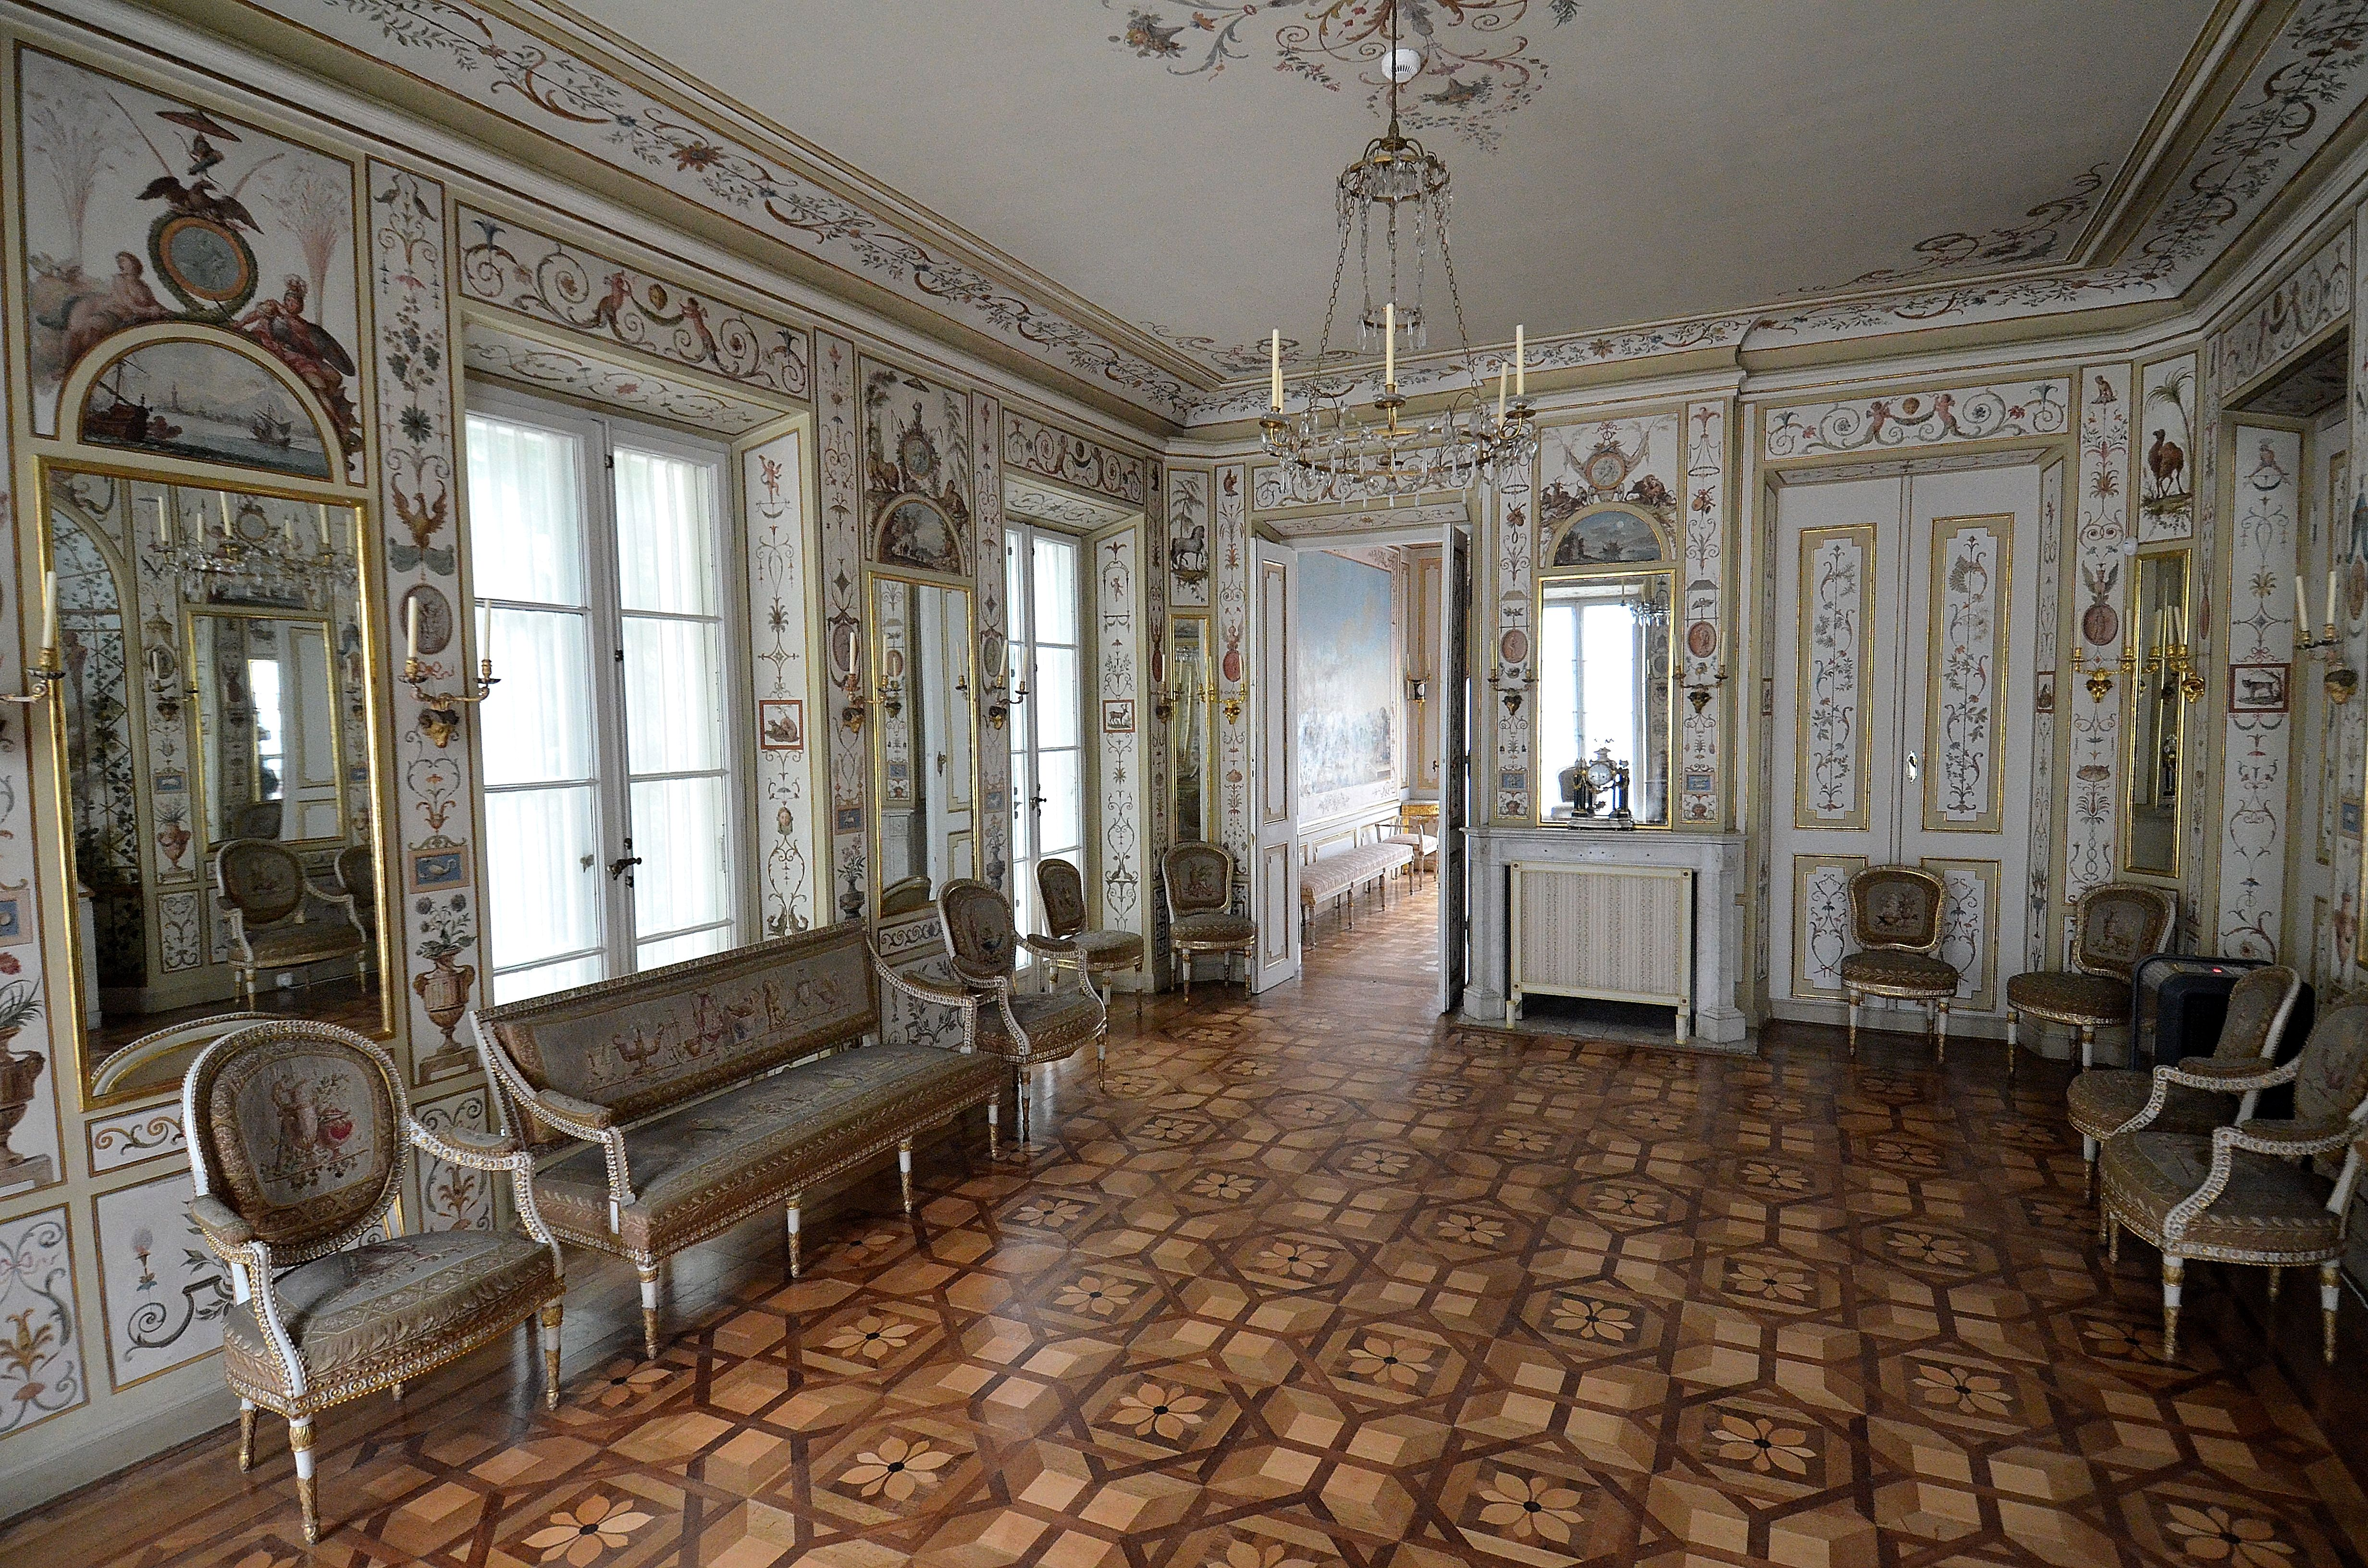 Pliksala Jadalna Biały Domek łazienki Królewskiejpg